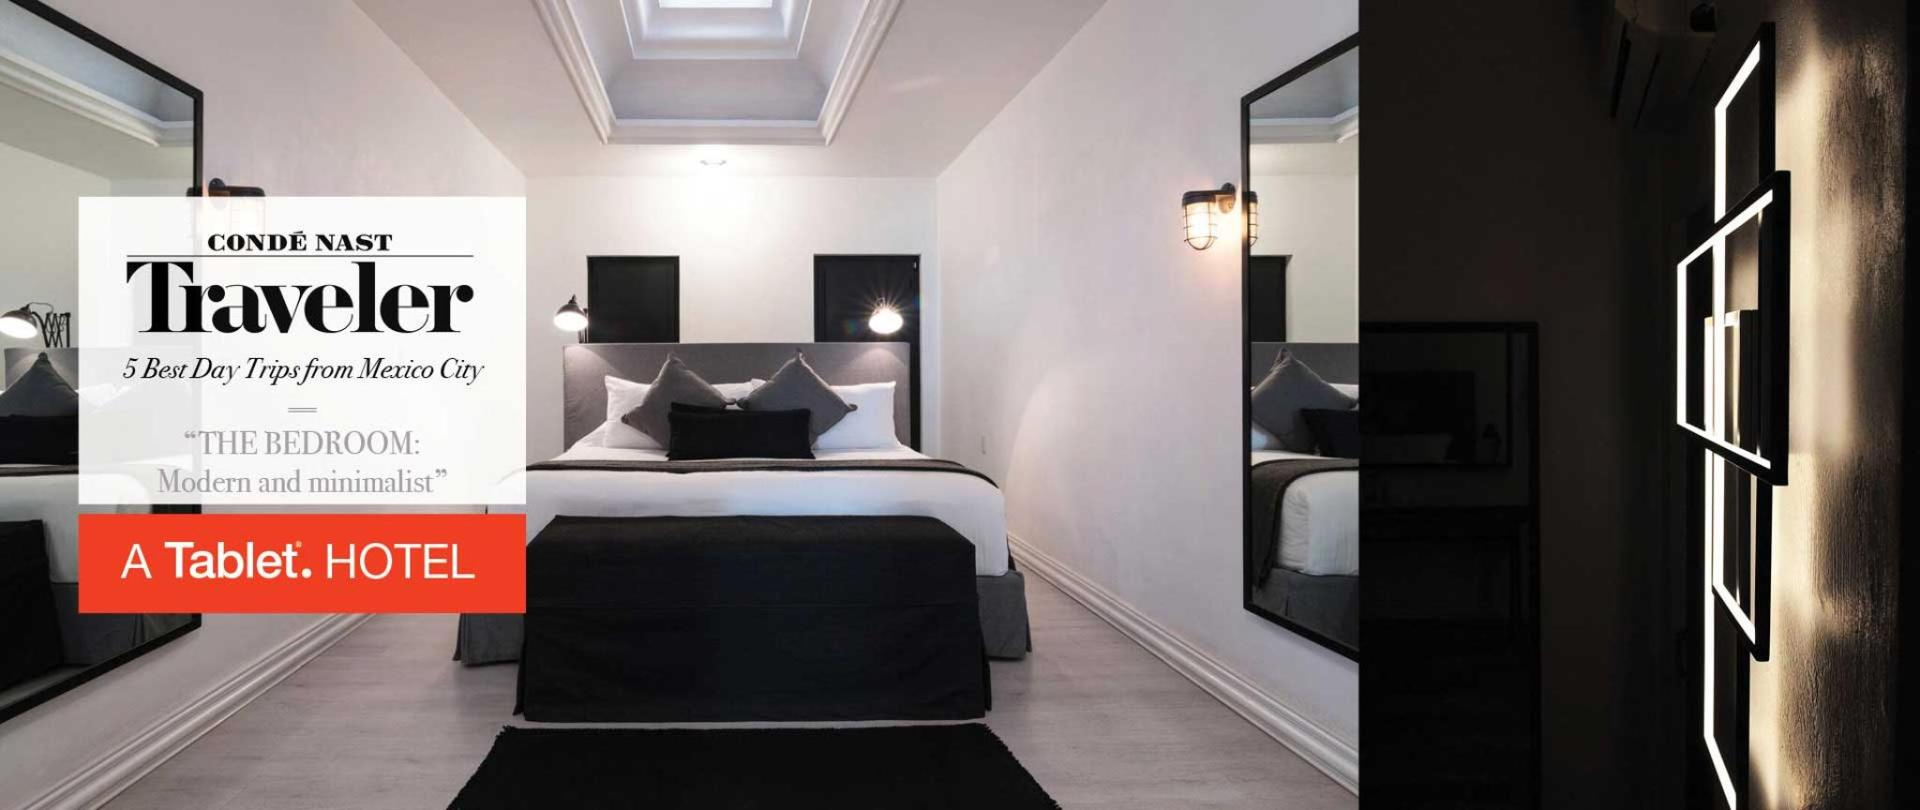 Habitaciones modernas con una decoración elegante. Las Casas B+B Boutique Hotel, Spa & Restaurante. en Cuernavaca. es una hermosa mezcla de pasado y presente que se refleja con sencillez y estilo.